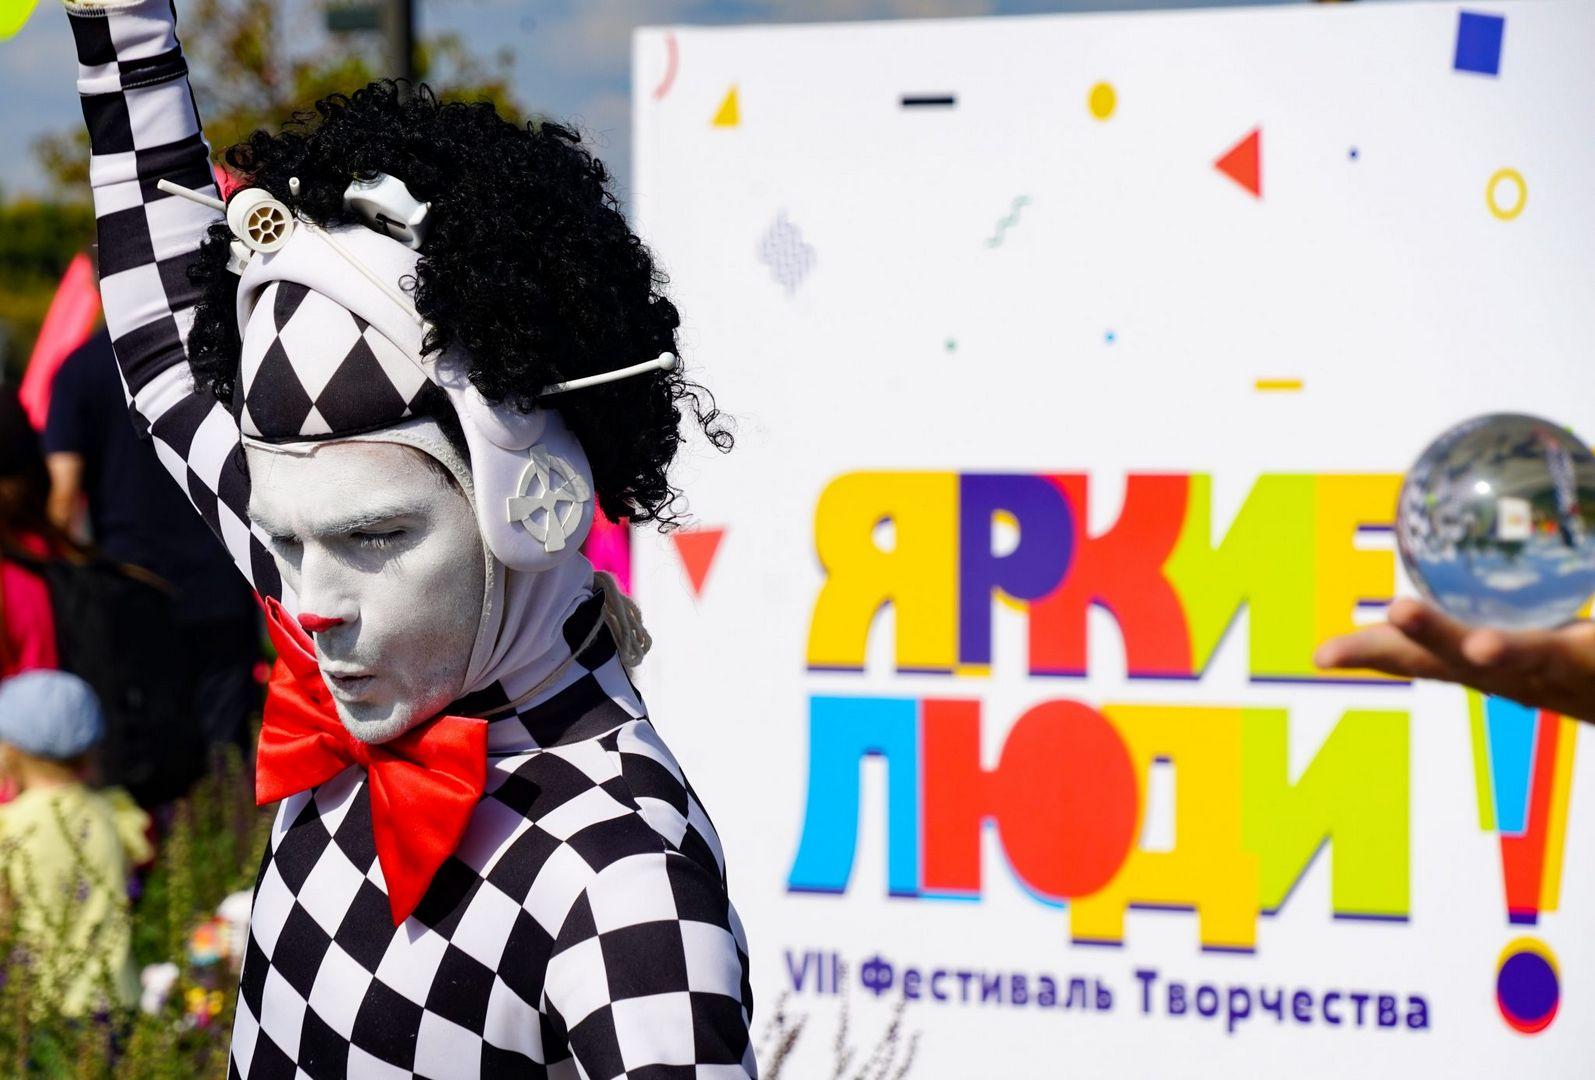 яркие люди, фестиваль, парк искусств «Музеон»